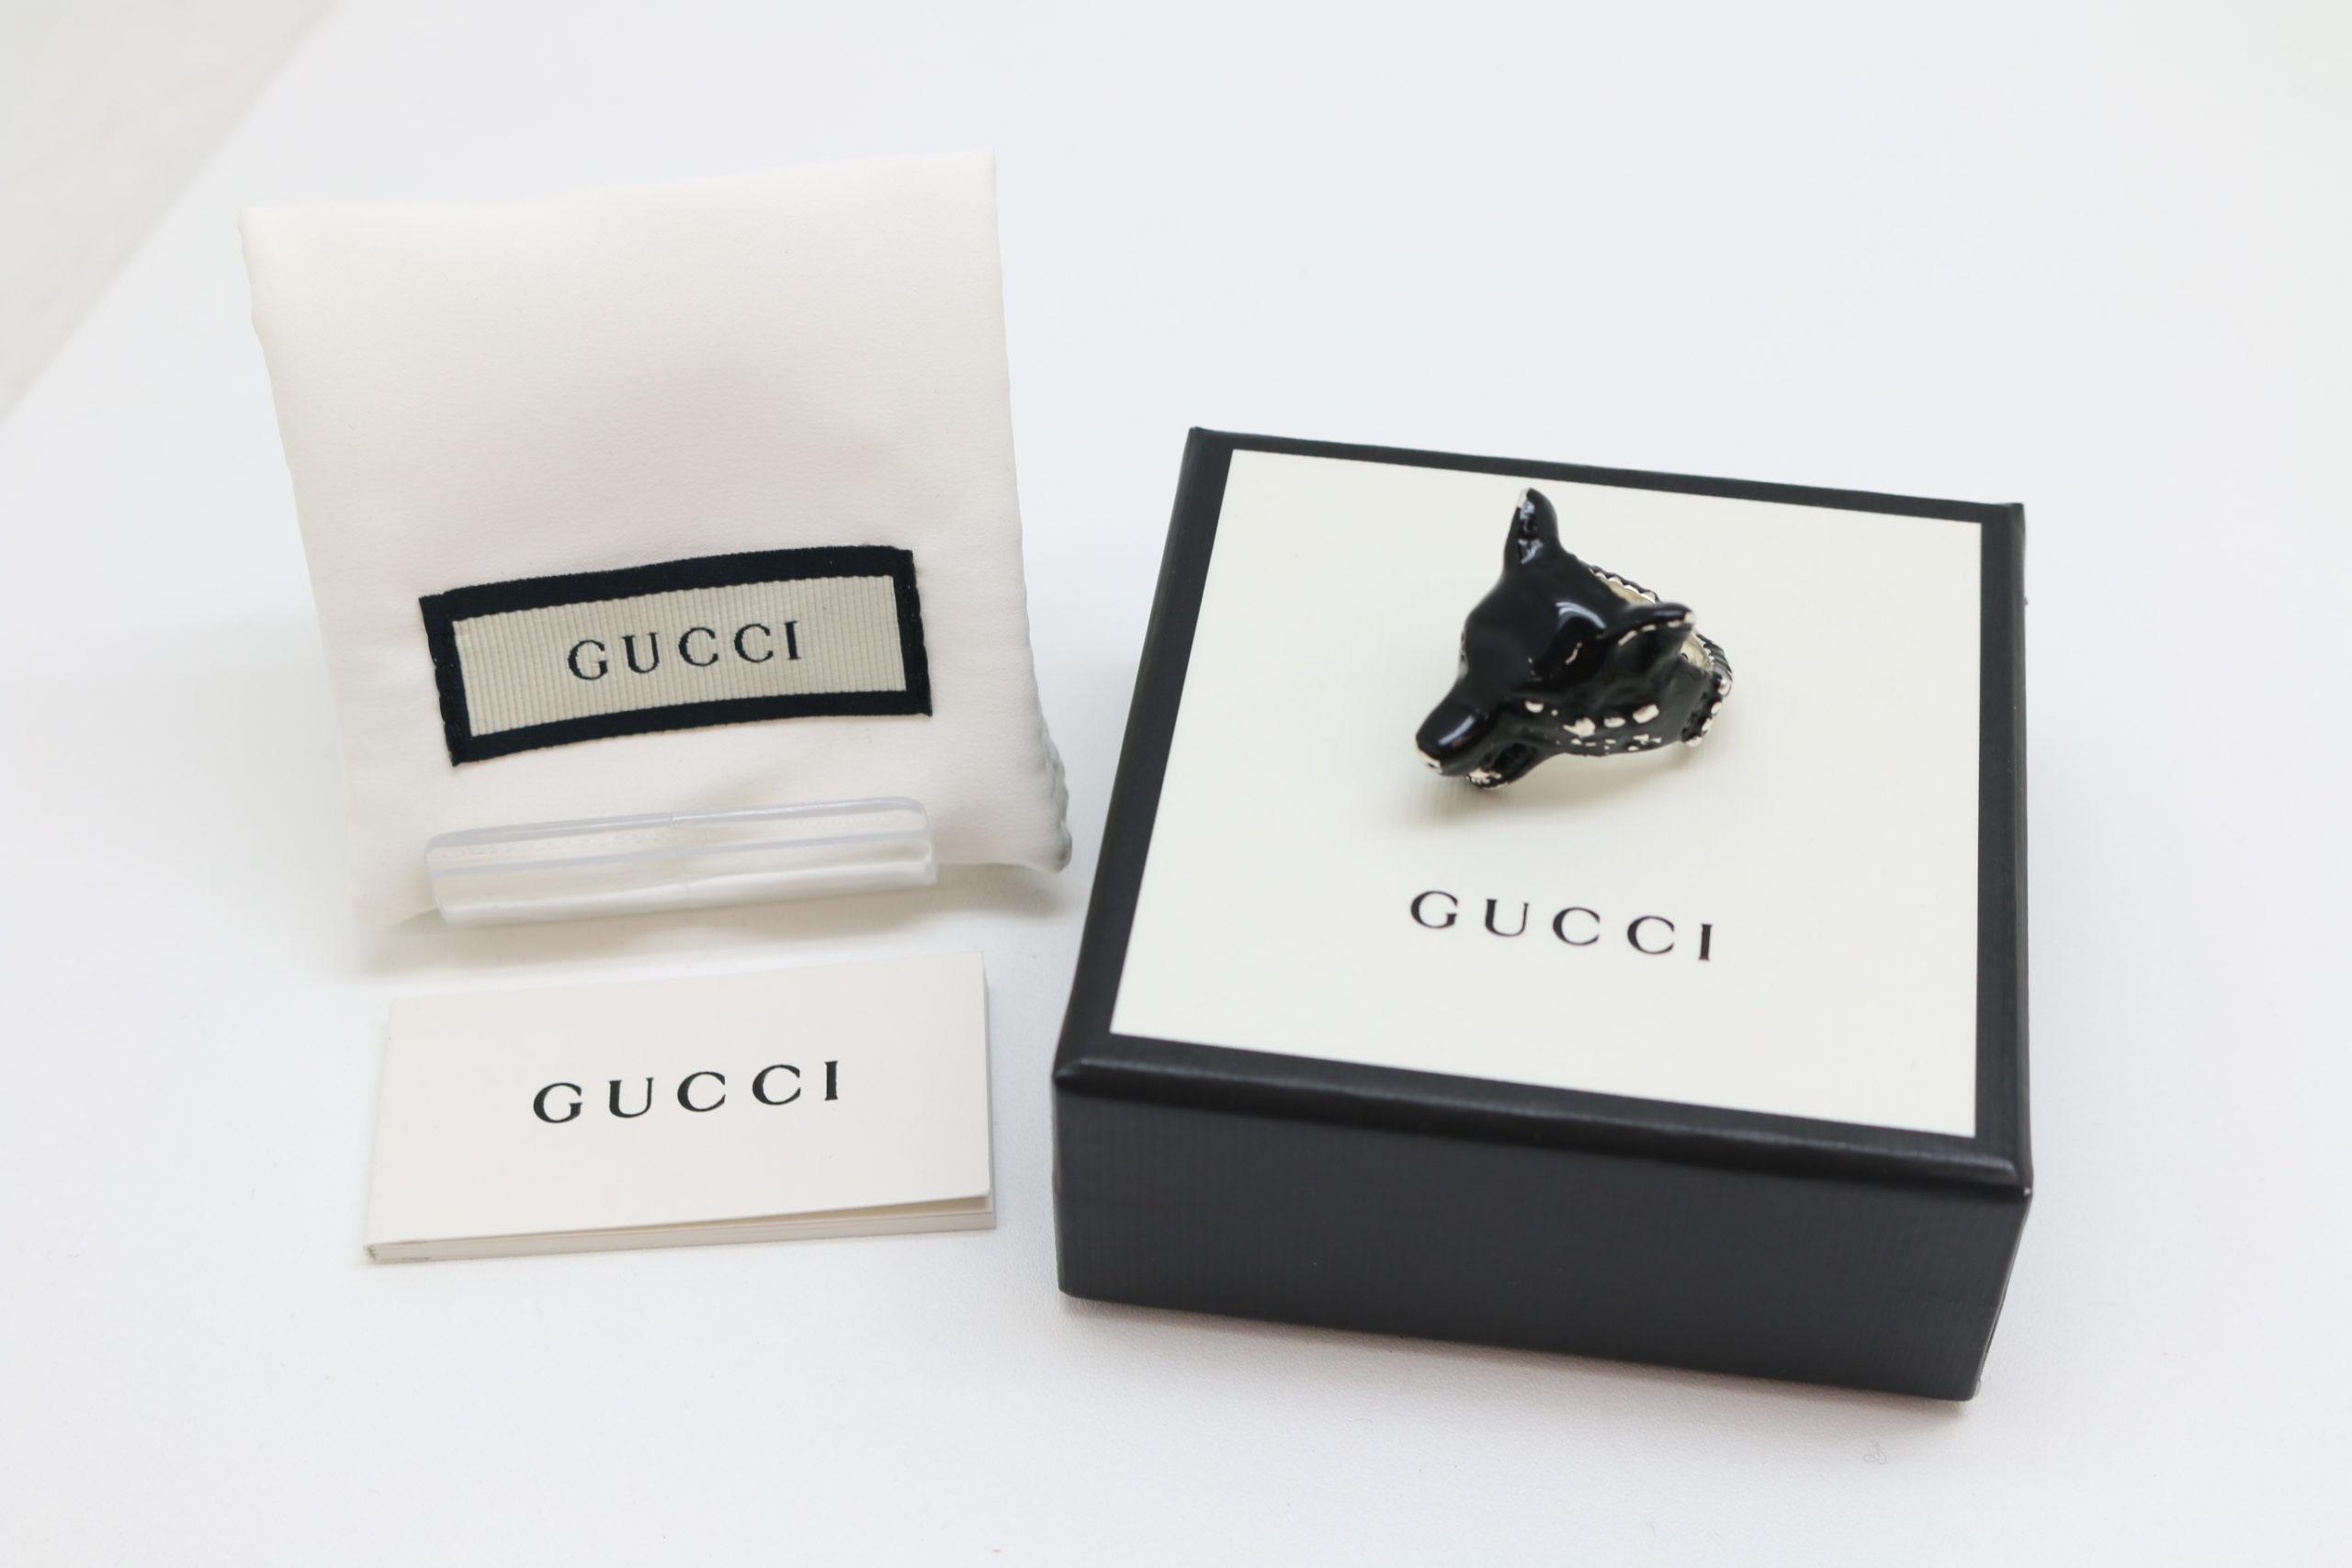 GUCCI/グッチ アンガーフォレスト ウルフヘッド リング シルバー 925 エナメル 15号 指輪 ブラック を買取させて頂きました!!の買取-